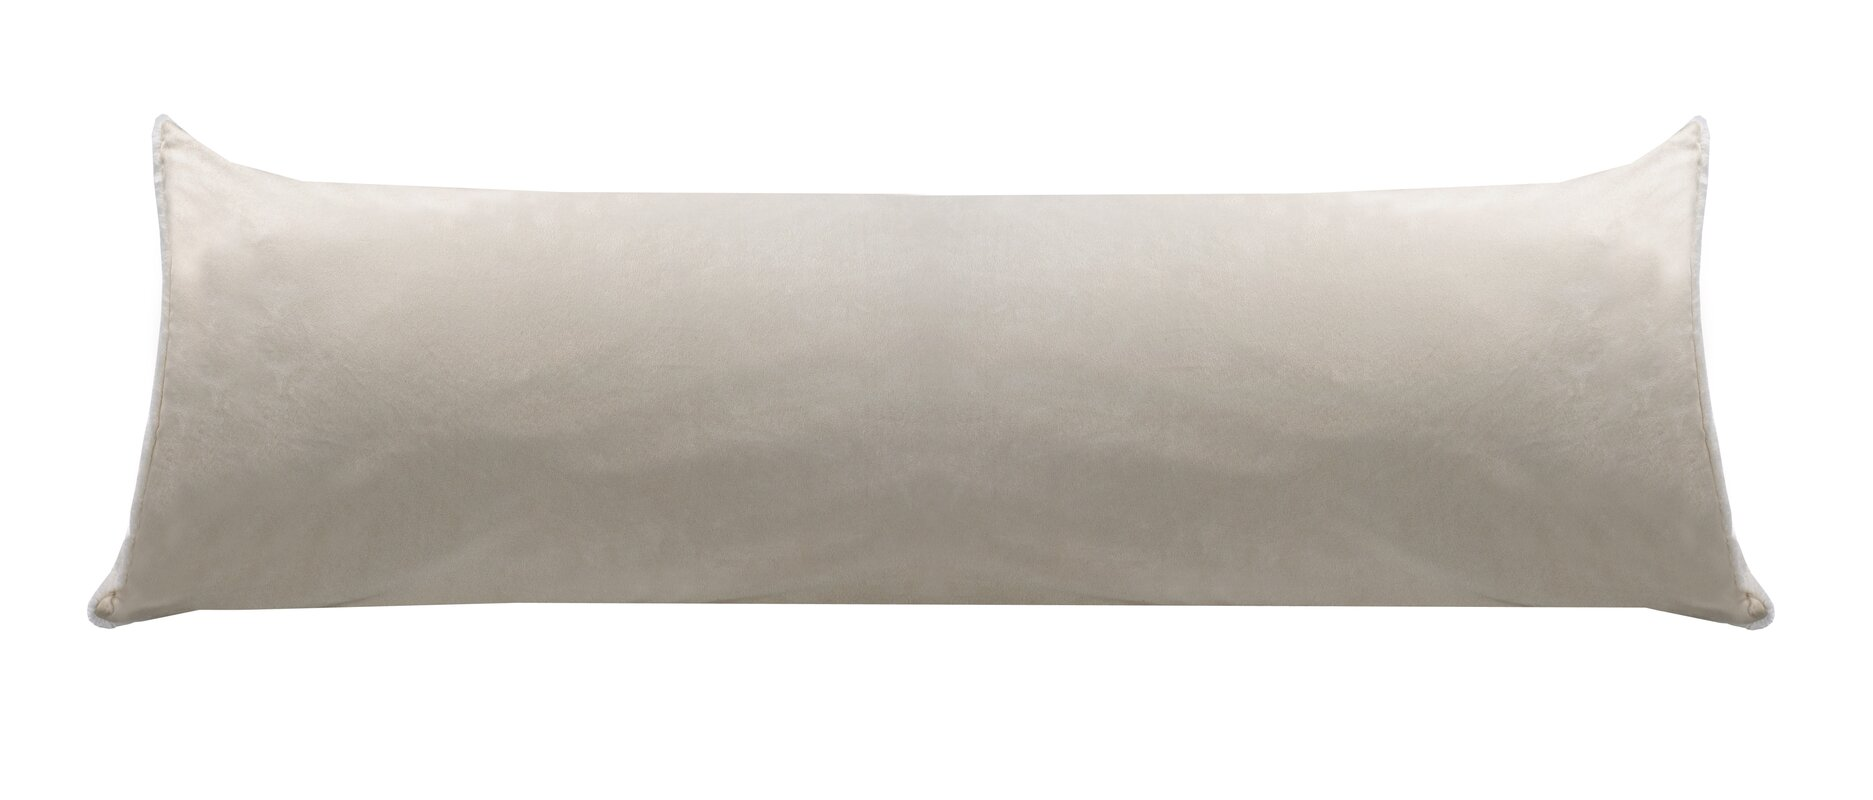 Westex Faux Fur Body Pillow Case